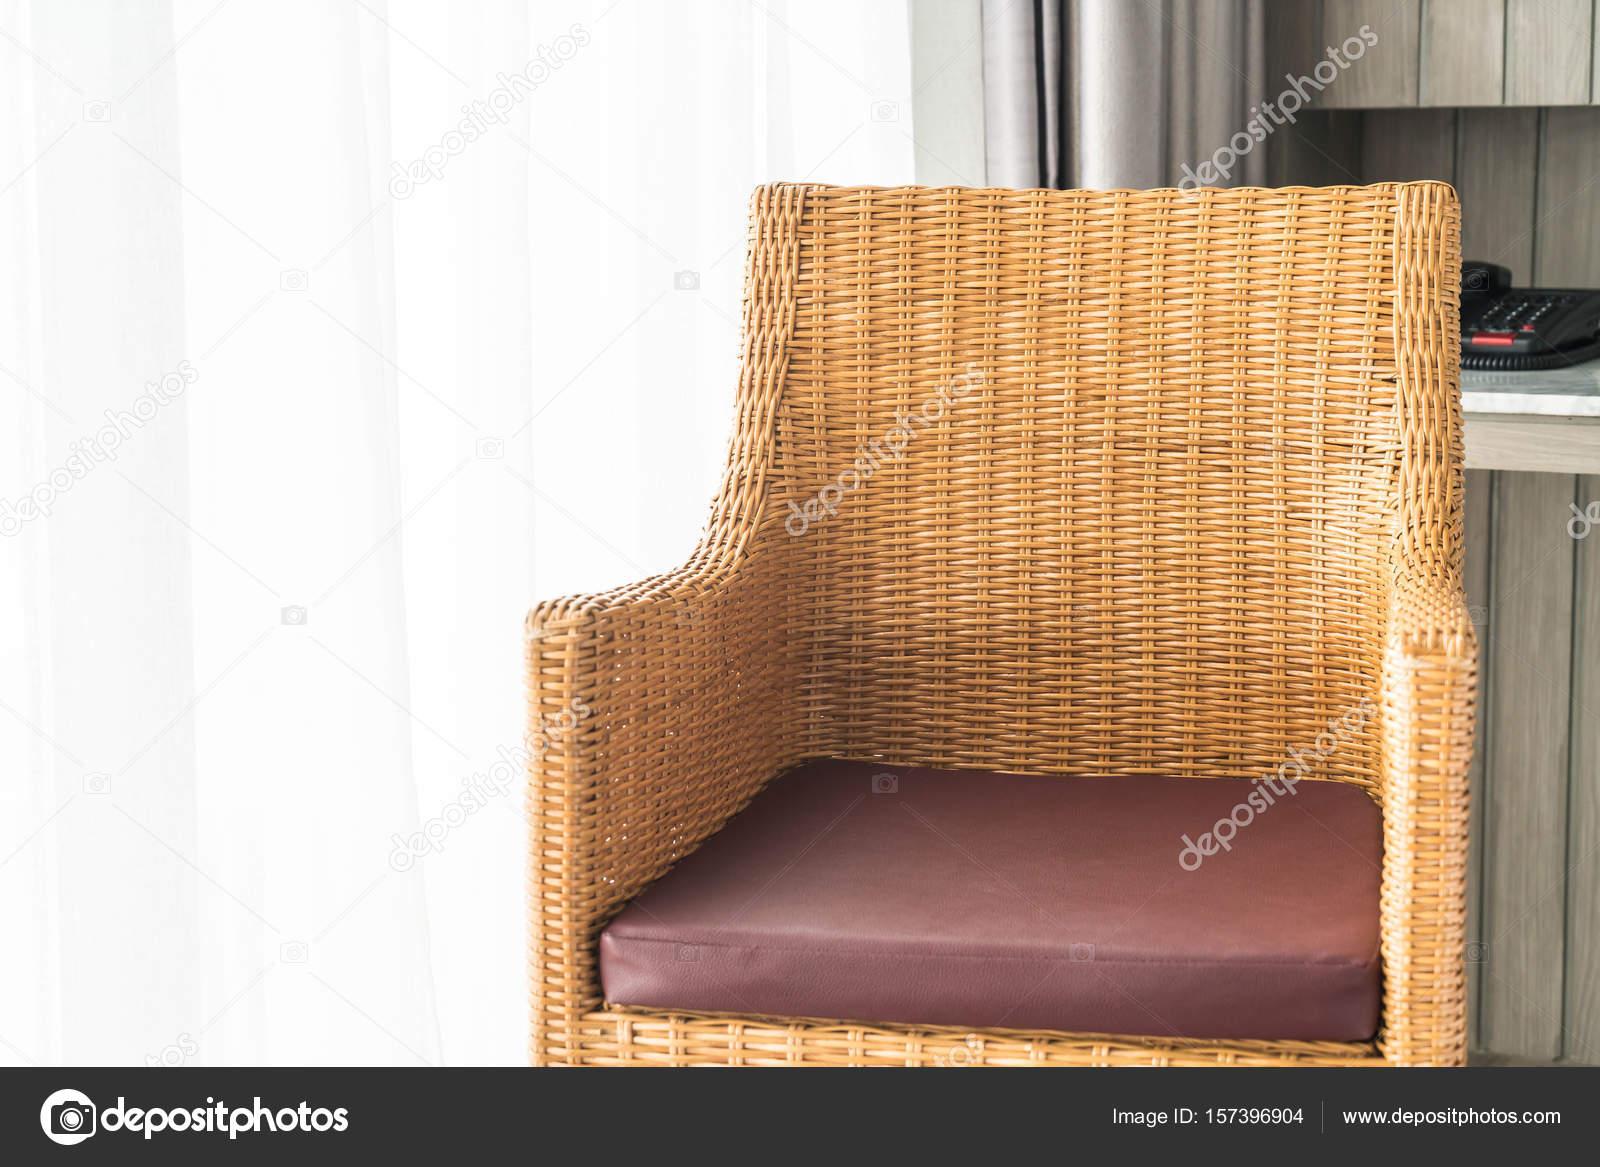 Schöne Luxus Kissen Auf Sofa Dekoration Im Wohnzimmer Interieur Für  Hintergrund   Vintage Filter U2014 Foto Von Topntp